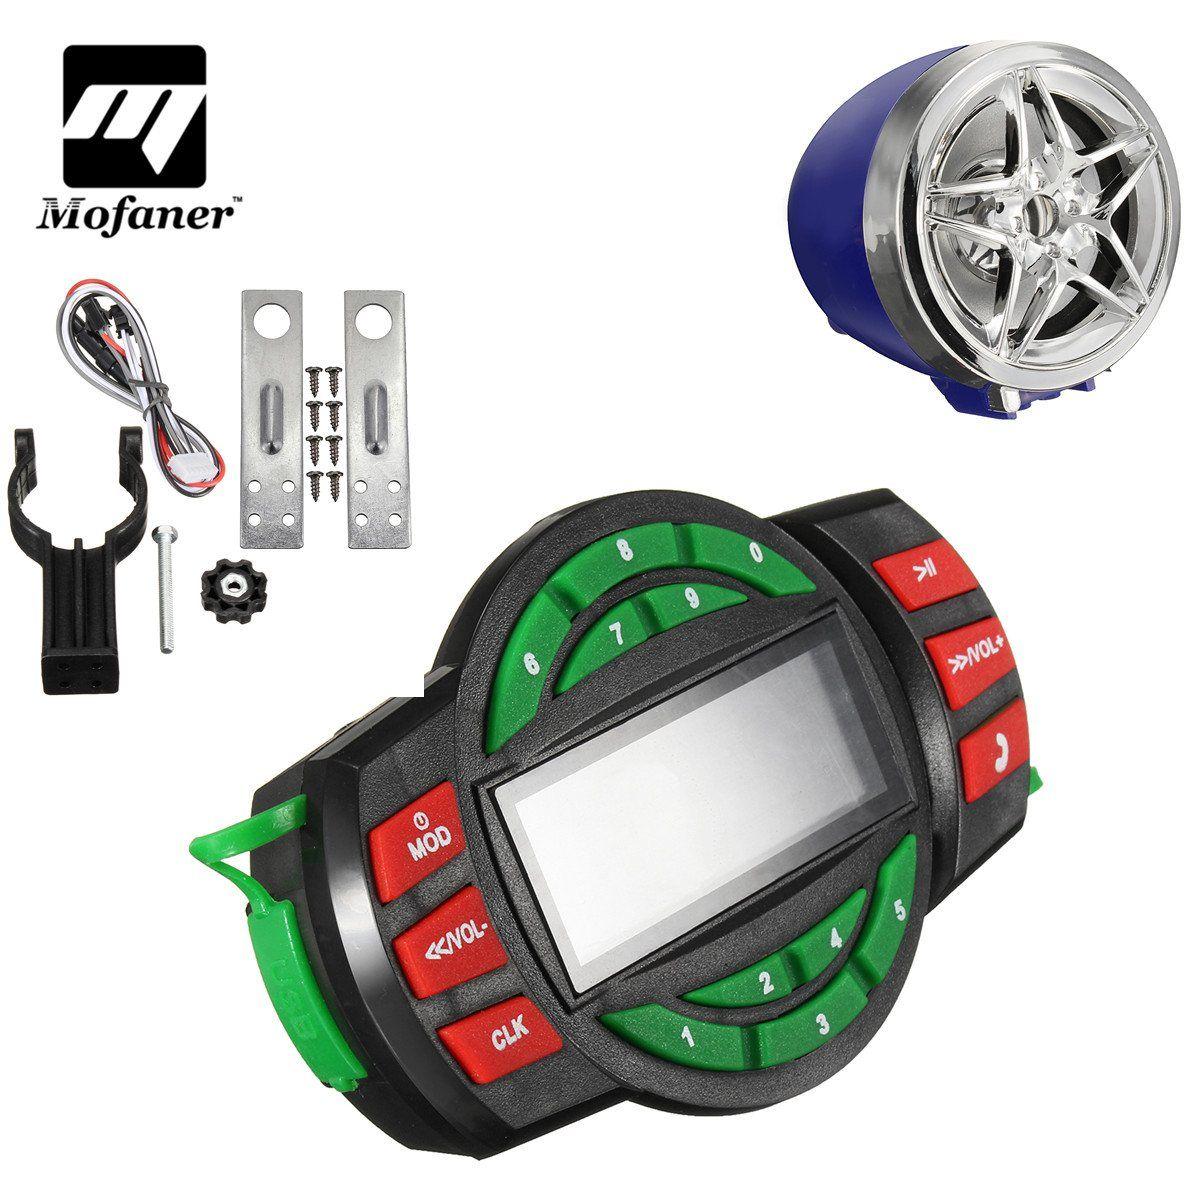 Mofaner Azul Radio Bluetooth Reproductor de MP3 Altavoz de La Motocicleta Scooter ATV Manillar de Radio de Alarma 12 V